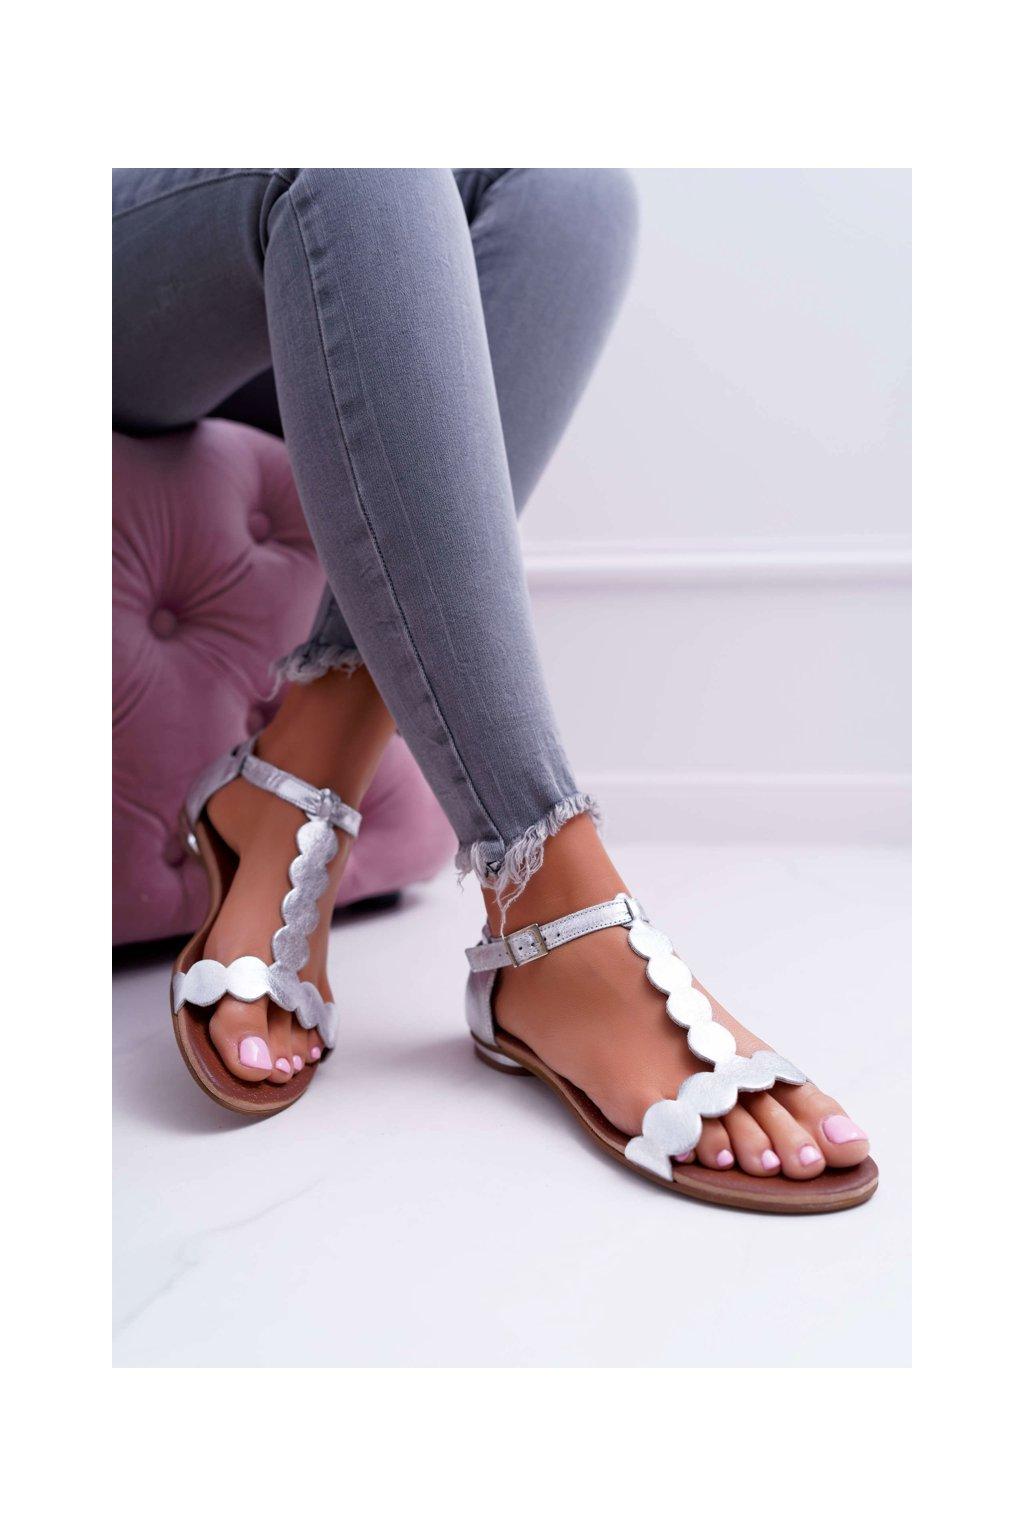 Dámske kožené Sandále strieborné Nicole NJSK 2403 Melbourne